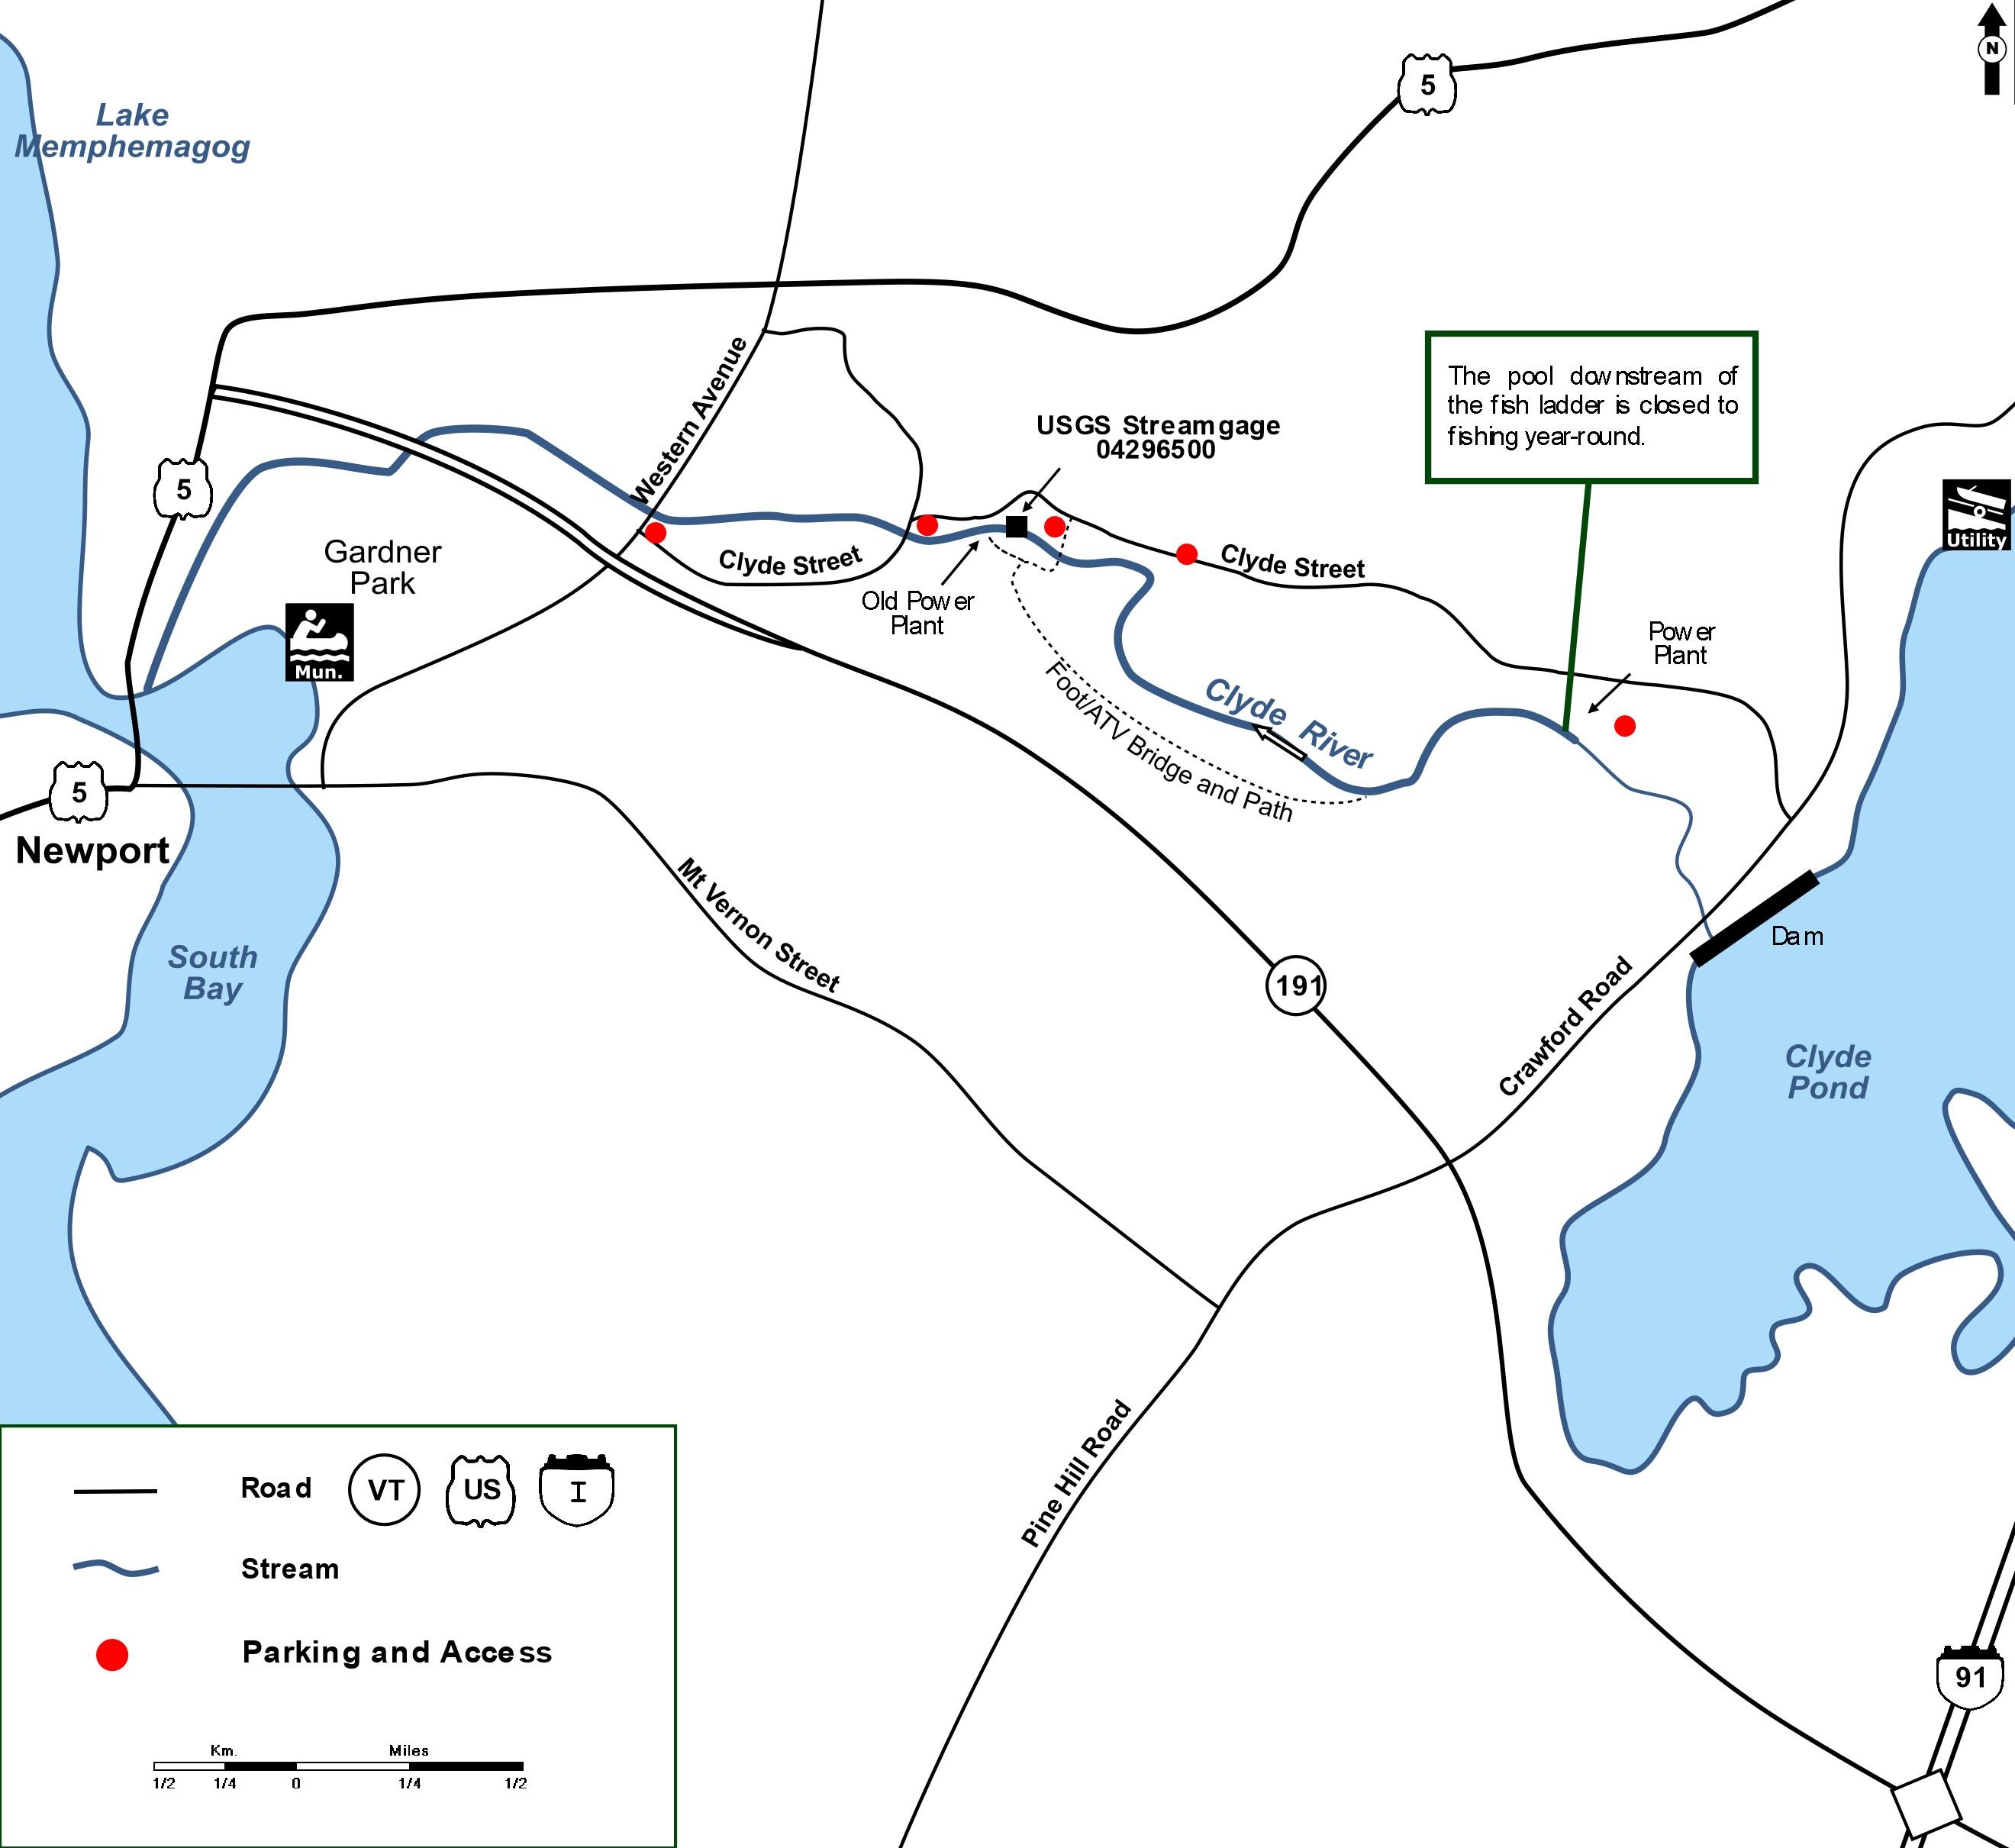 Exemple d'une carte détaillée montrant le rivière Clyde à Newport et ses accès. La rivière est renommée pour la pêche au saumon.